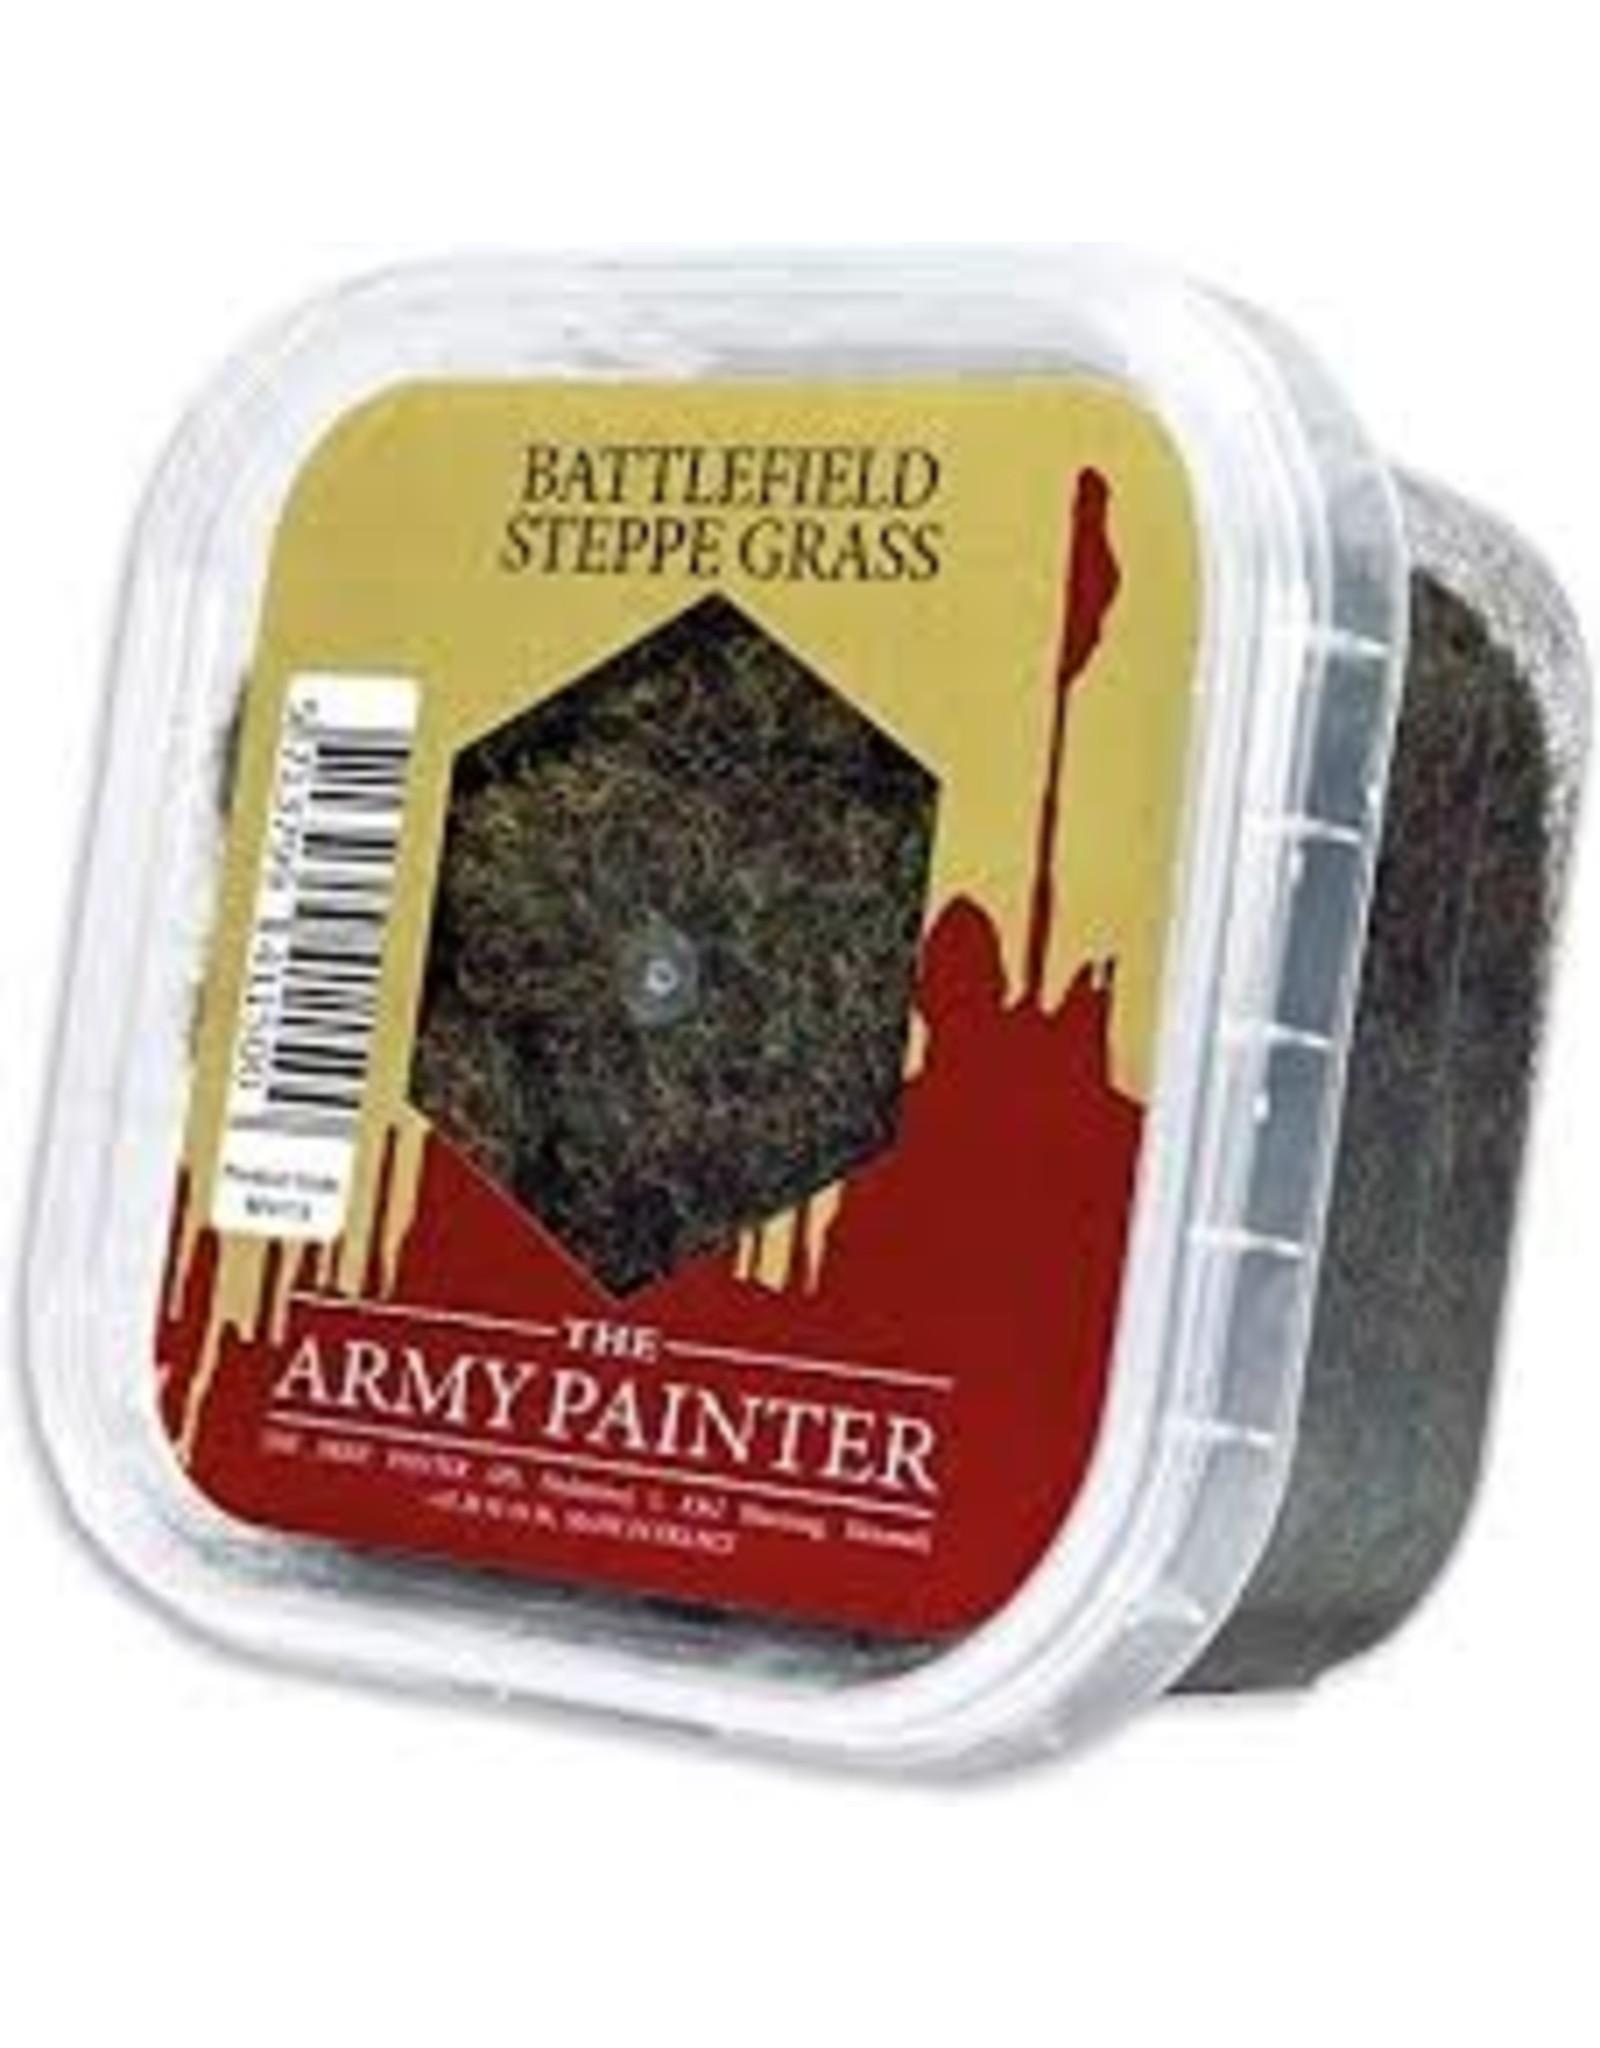 Army Painter Battlefields: Battlefield Steppe Grass